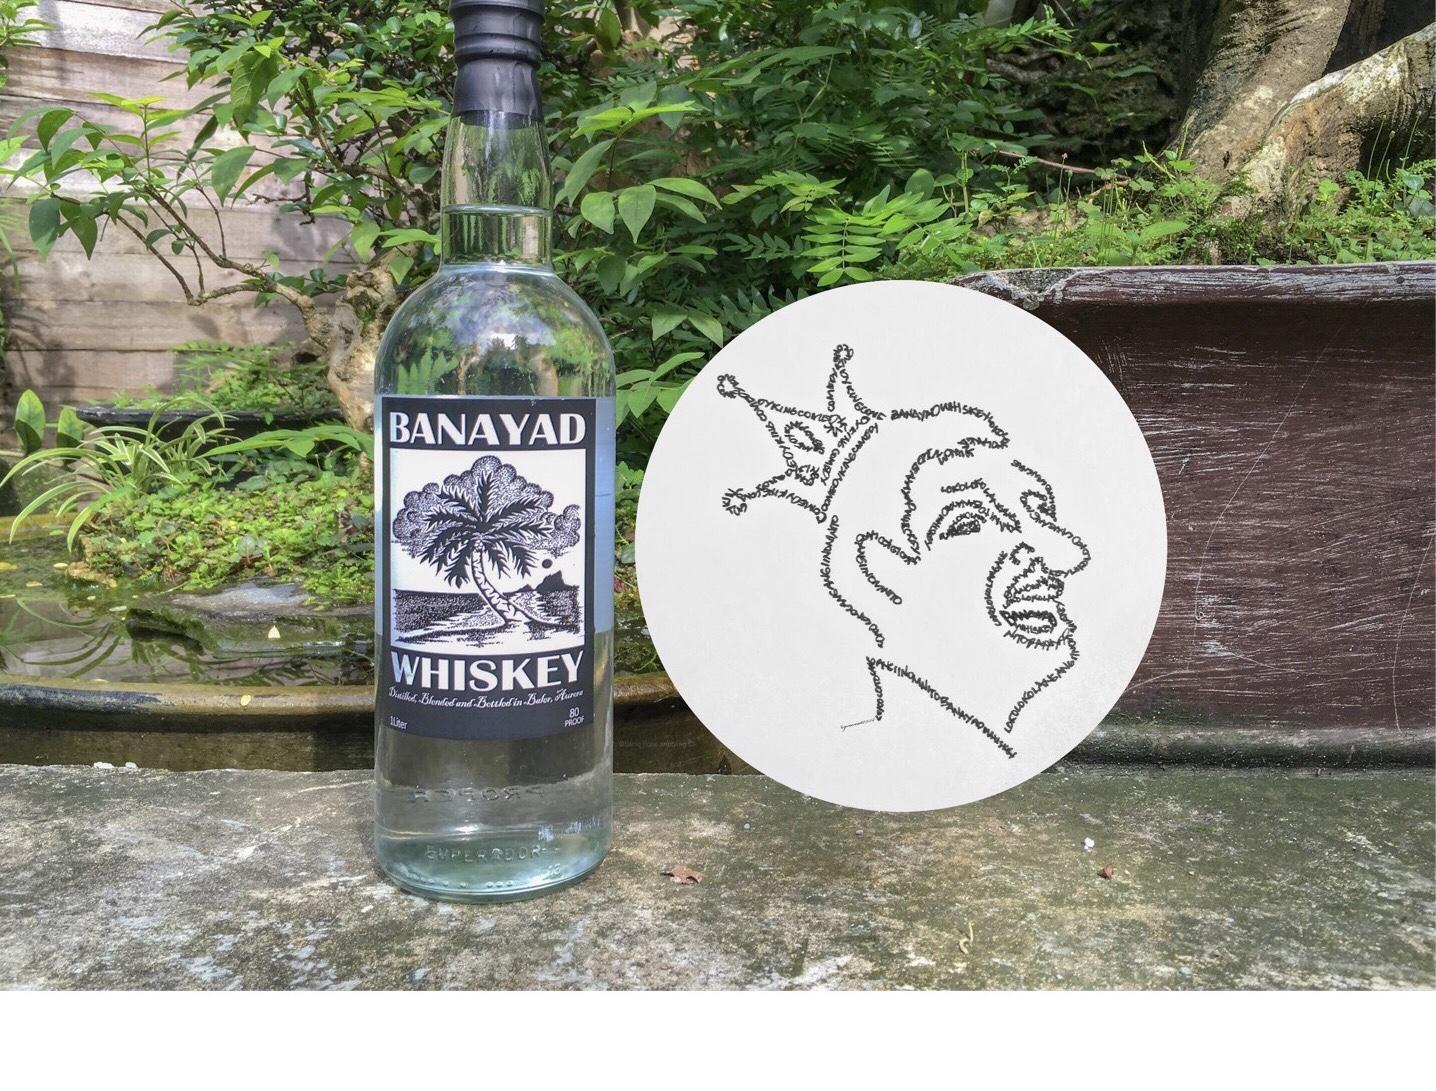 Banayad Whiskey, lambanog